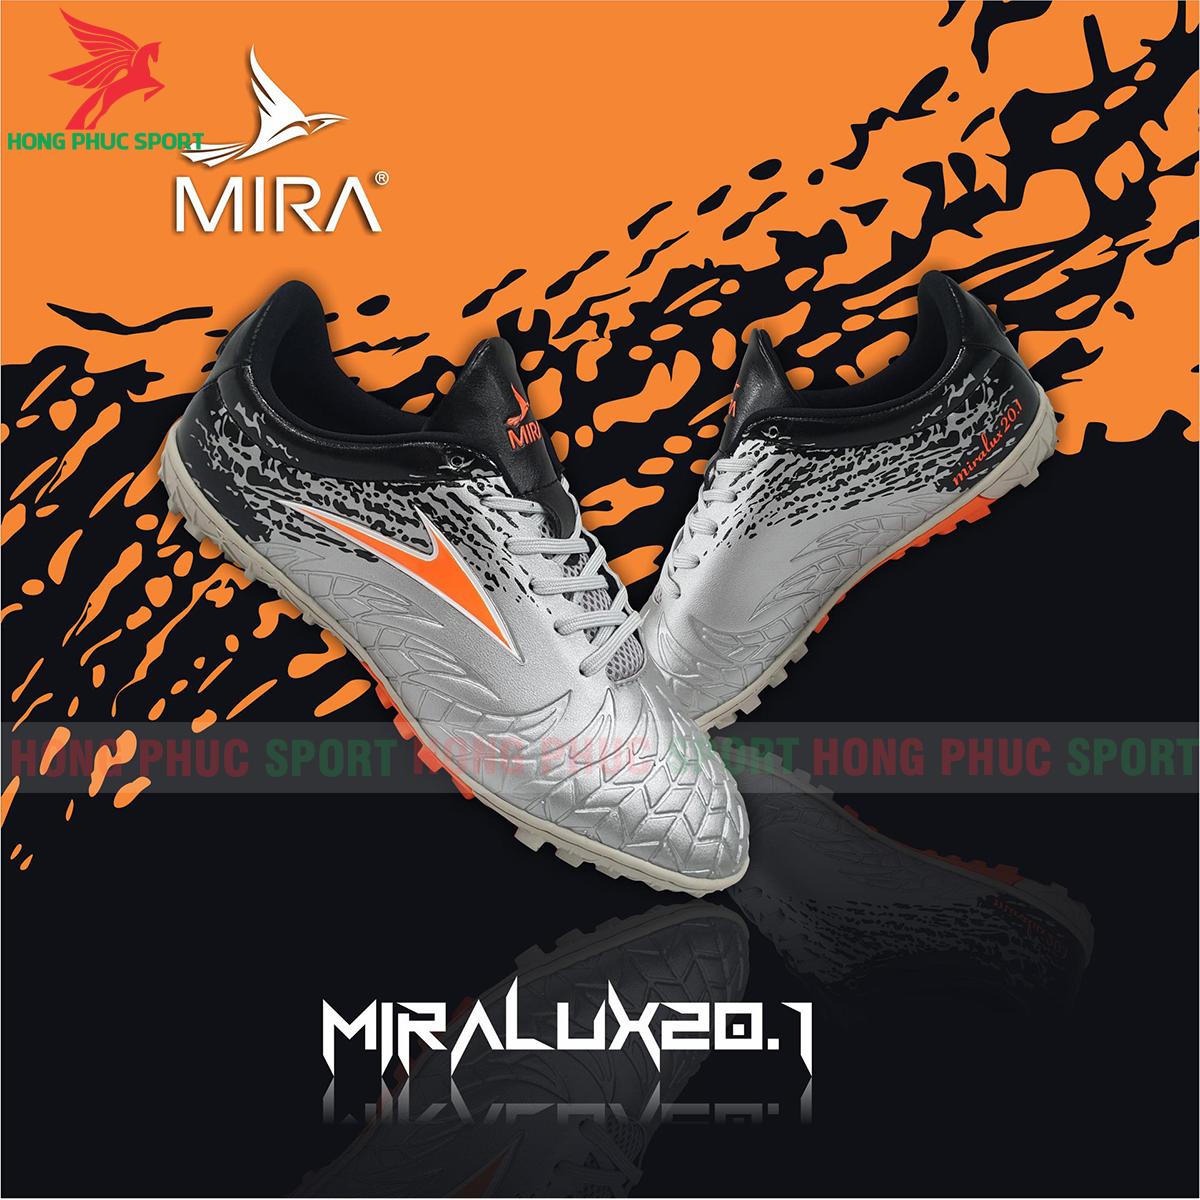 Giày Mira Lux 20.1 sân cỏ nhân tạo màu bạc phối đen